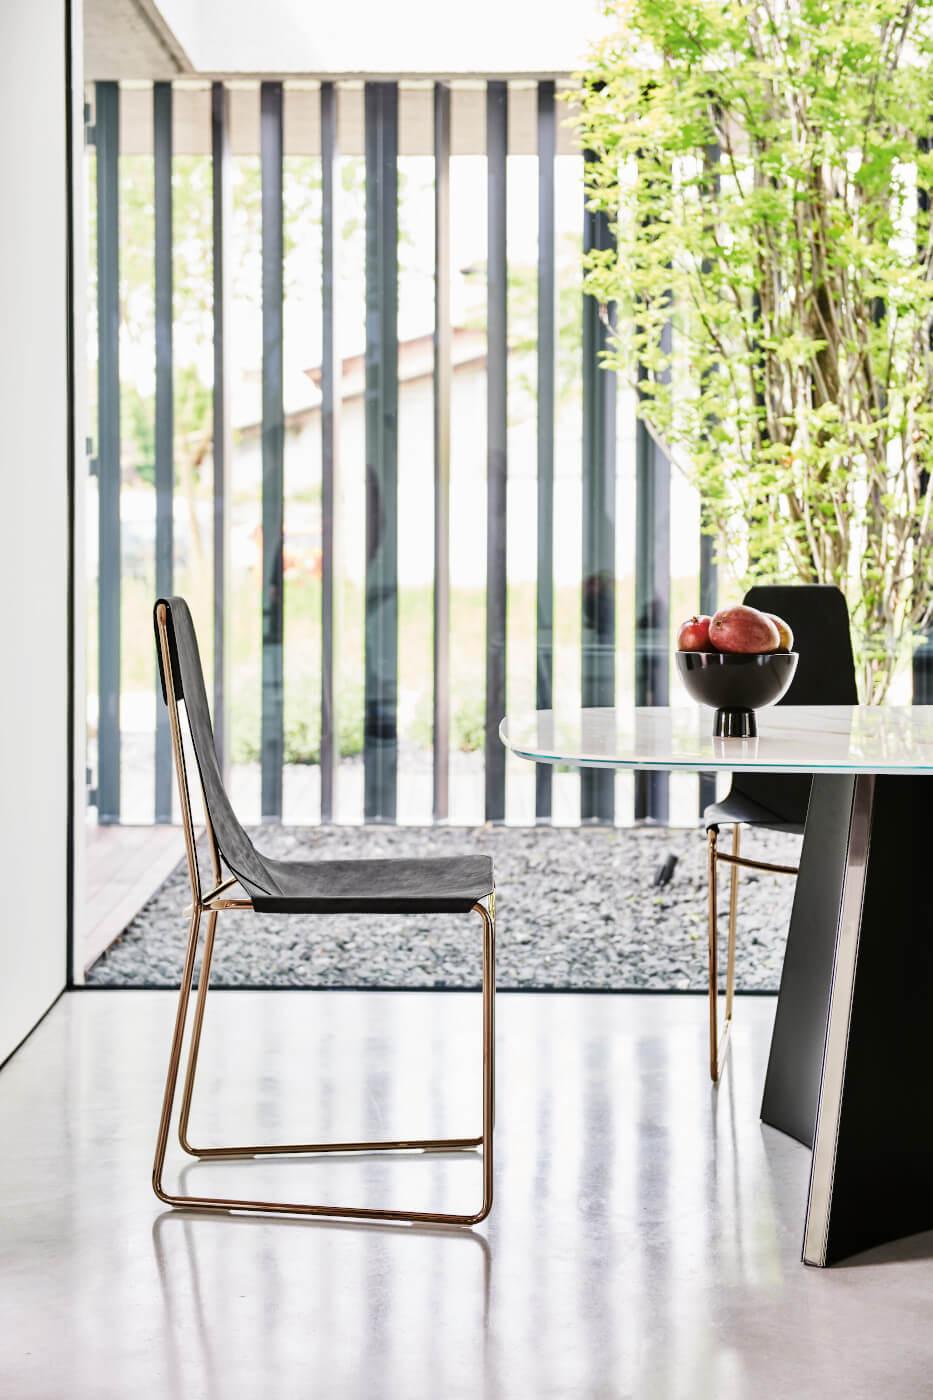 Chaise de salle à manger Mia avec structure luge en métal couleur or rose et cuir toscan noir